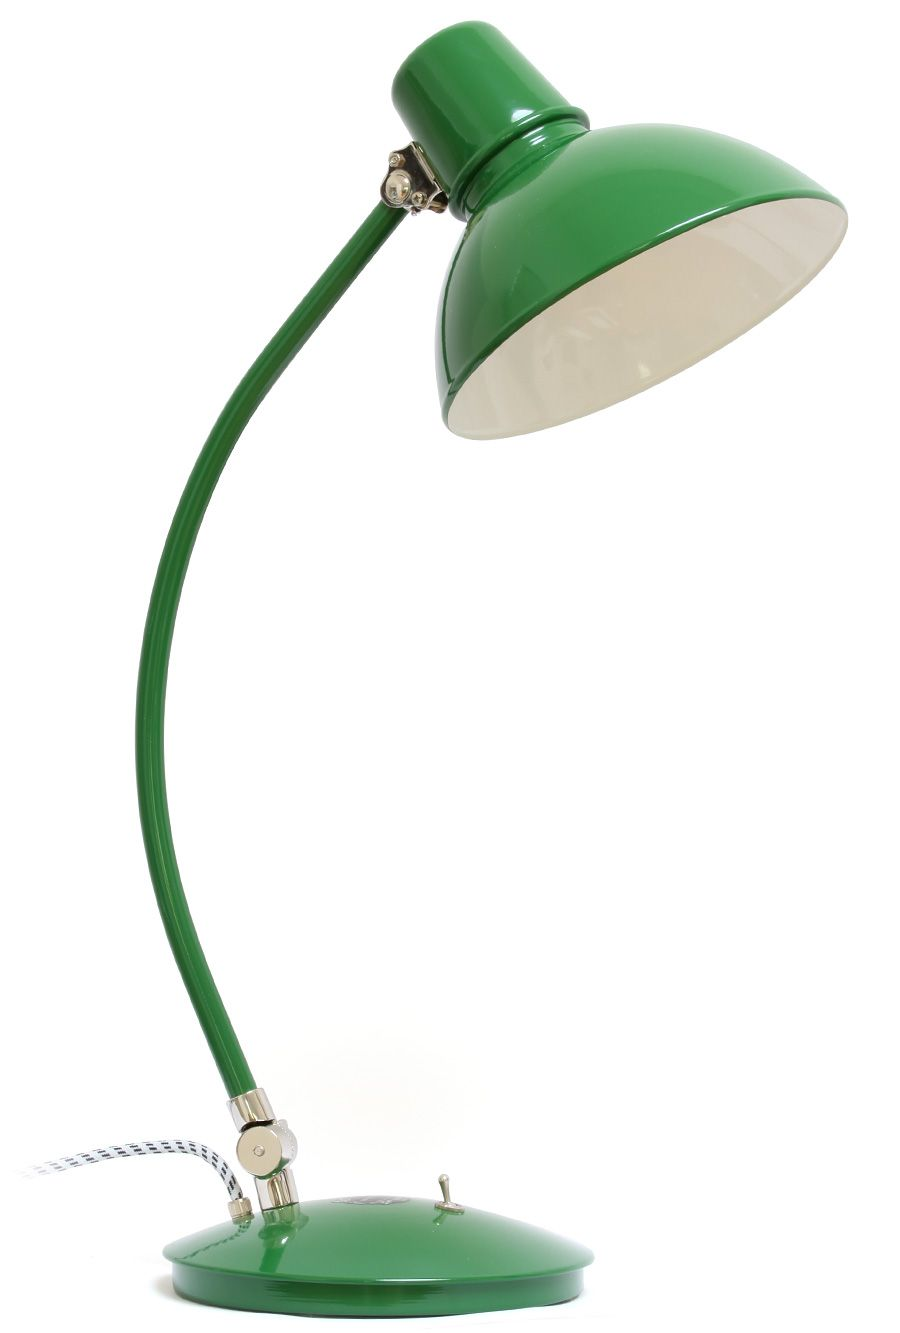 gr ne schreibtischleuchte im bauhaus stil bolichwerke modell frankfurt tisch lighting. Black Bedroom Furniture Sets. Home Design Ideas